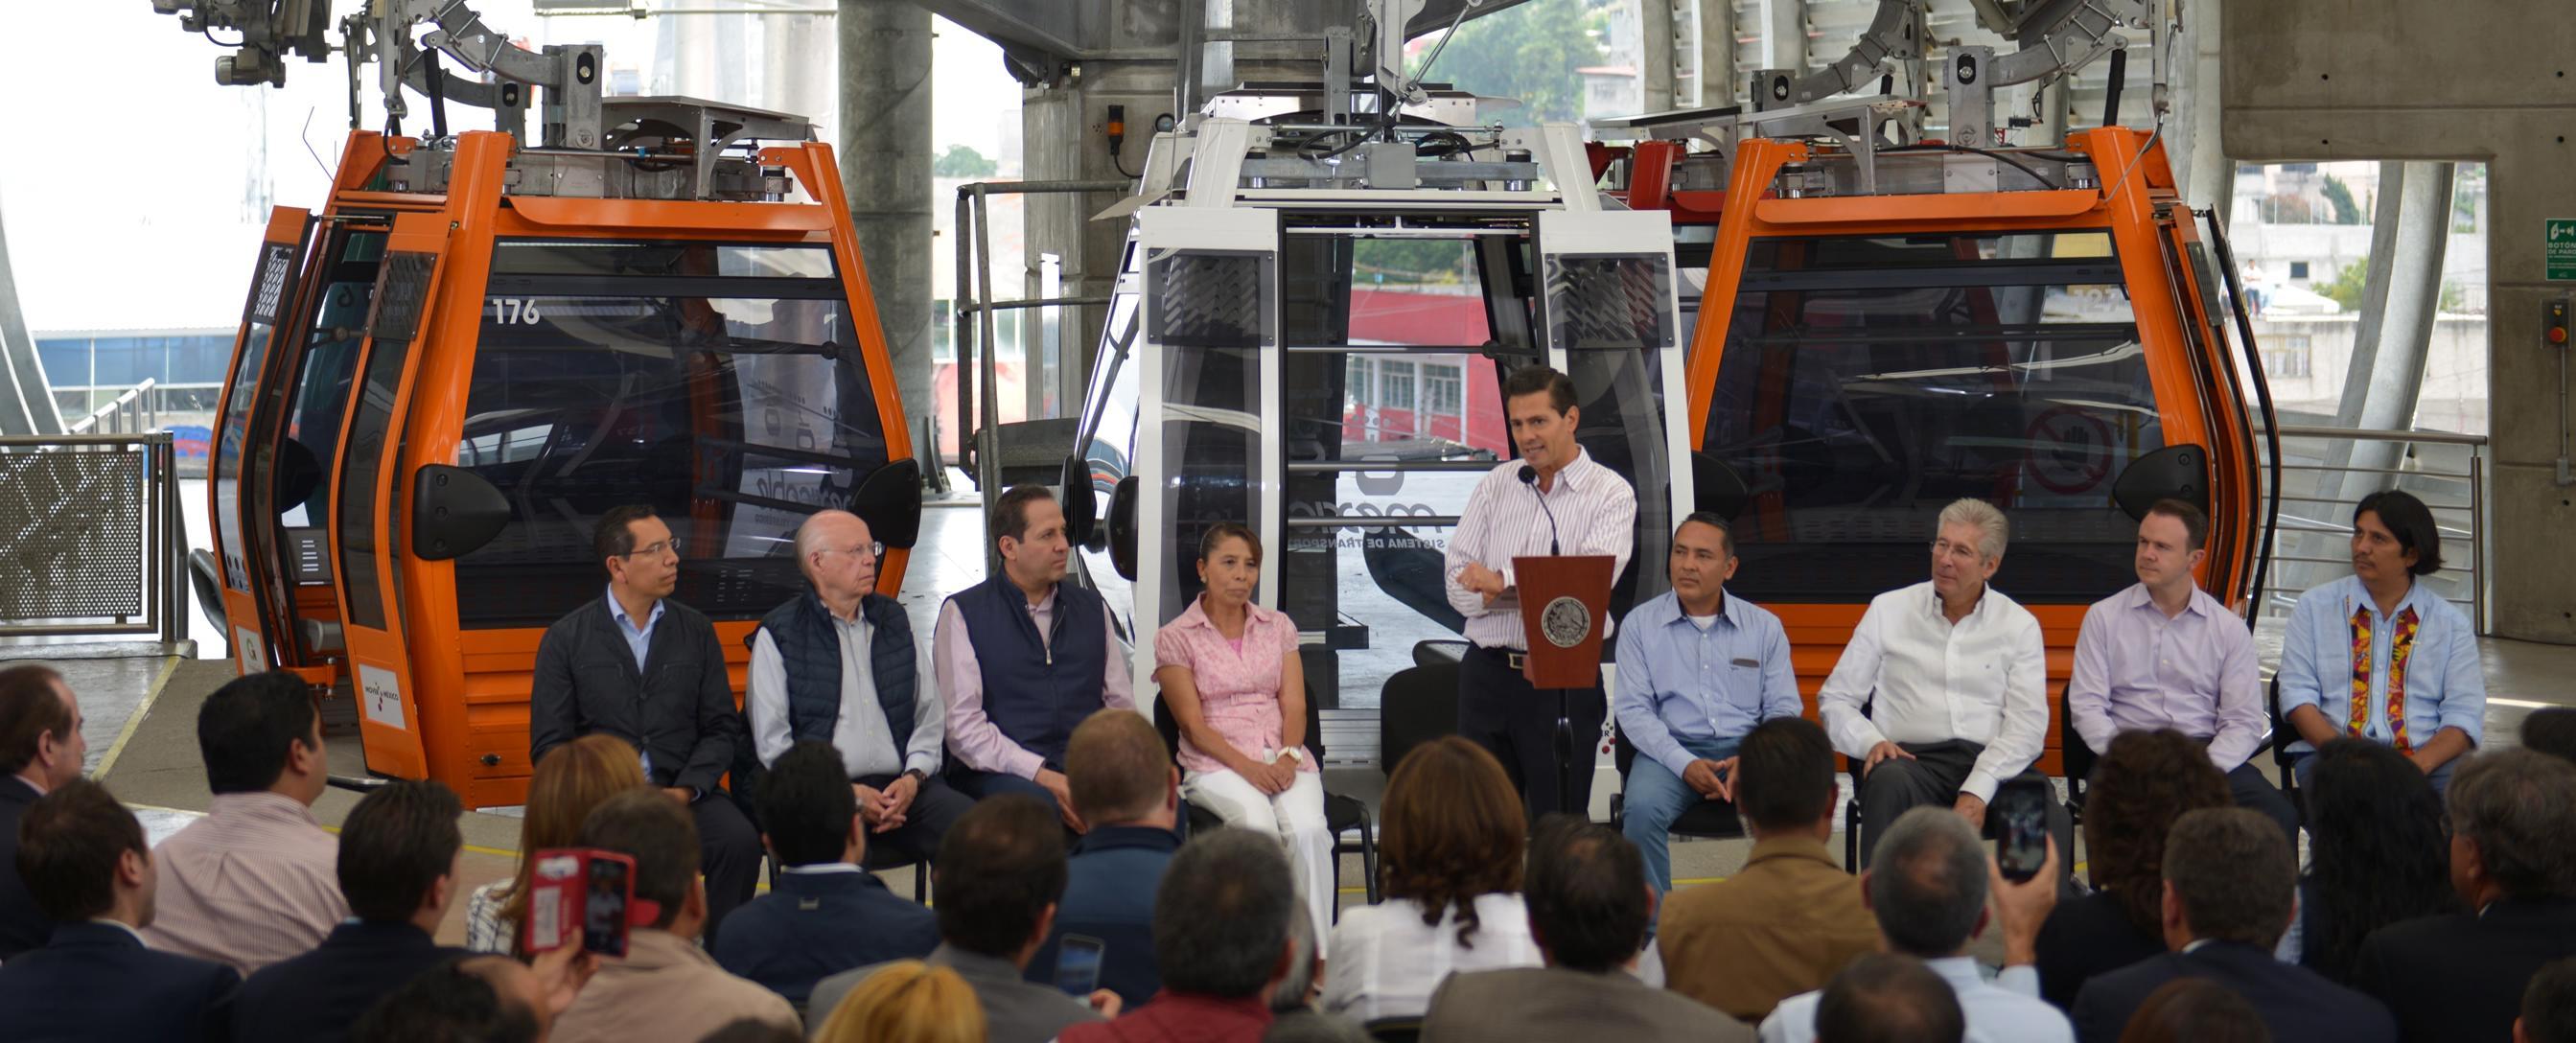 """""""Mexicable Ecatepec""""es unsistema de transporte masivo que permitirá hacer en 17 minutos un recorrido que antes se hacía entre 30 y 40 minutos, a un costo más económico."""